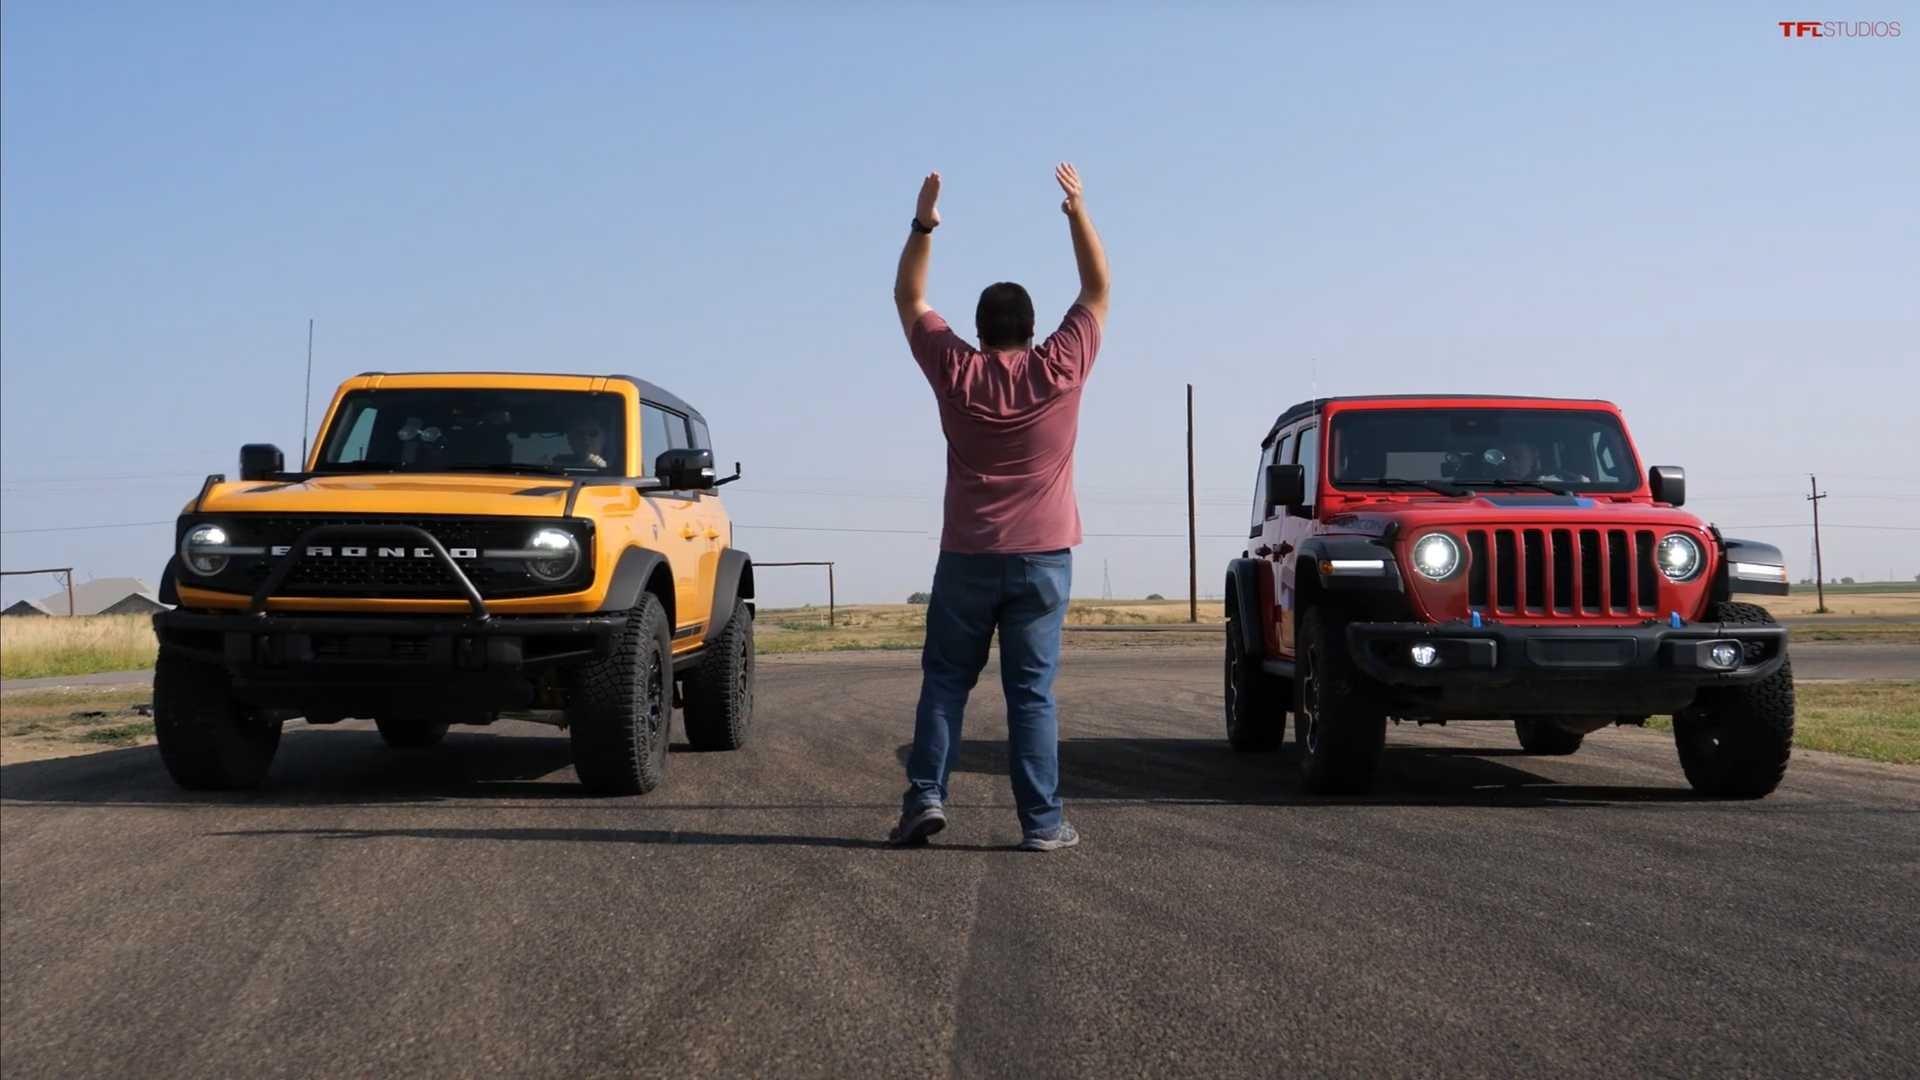 Борьба между Jeep Wrangler и Ford Bronco будет решаться не только в дилерских центрах, но и на четвертьмильной дистанции. Хотя ни один из них не создан для дрэг-стрипа, но это не помешало авторам канала TFLcar сравнить их в необычной гонке.